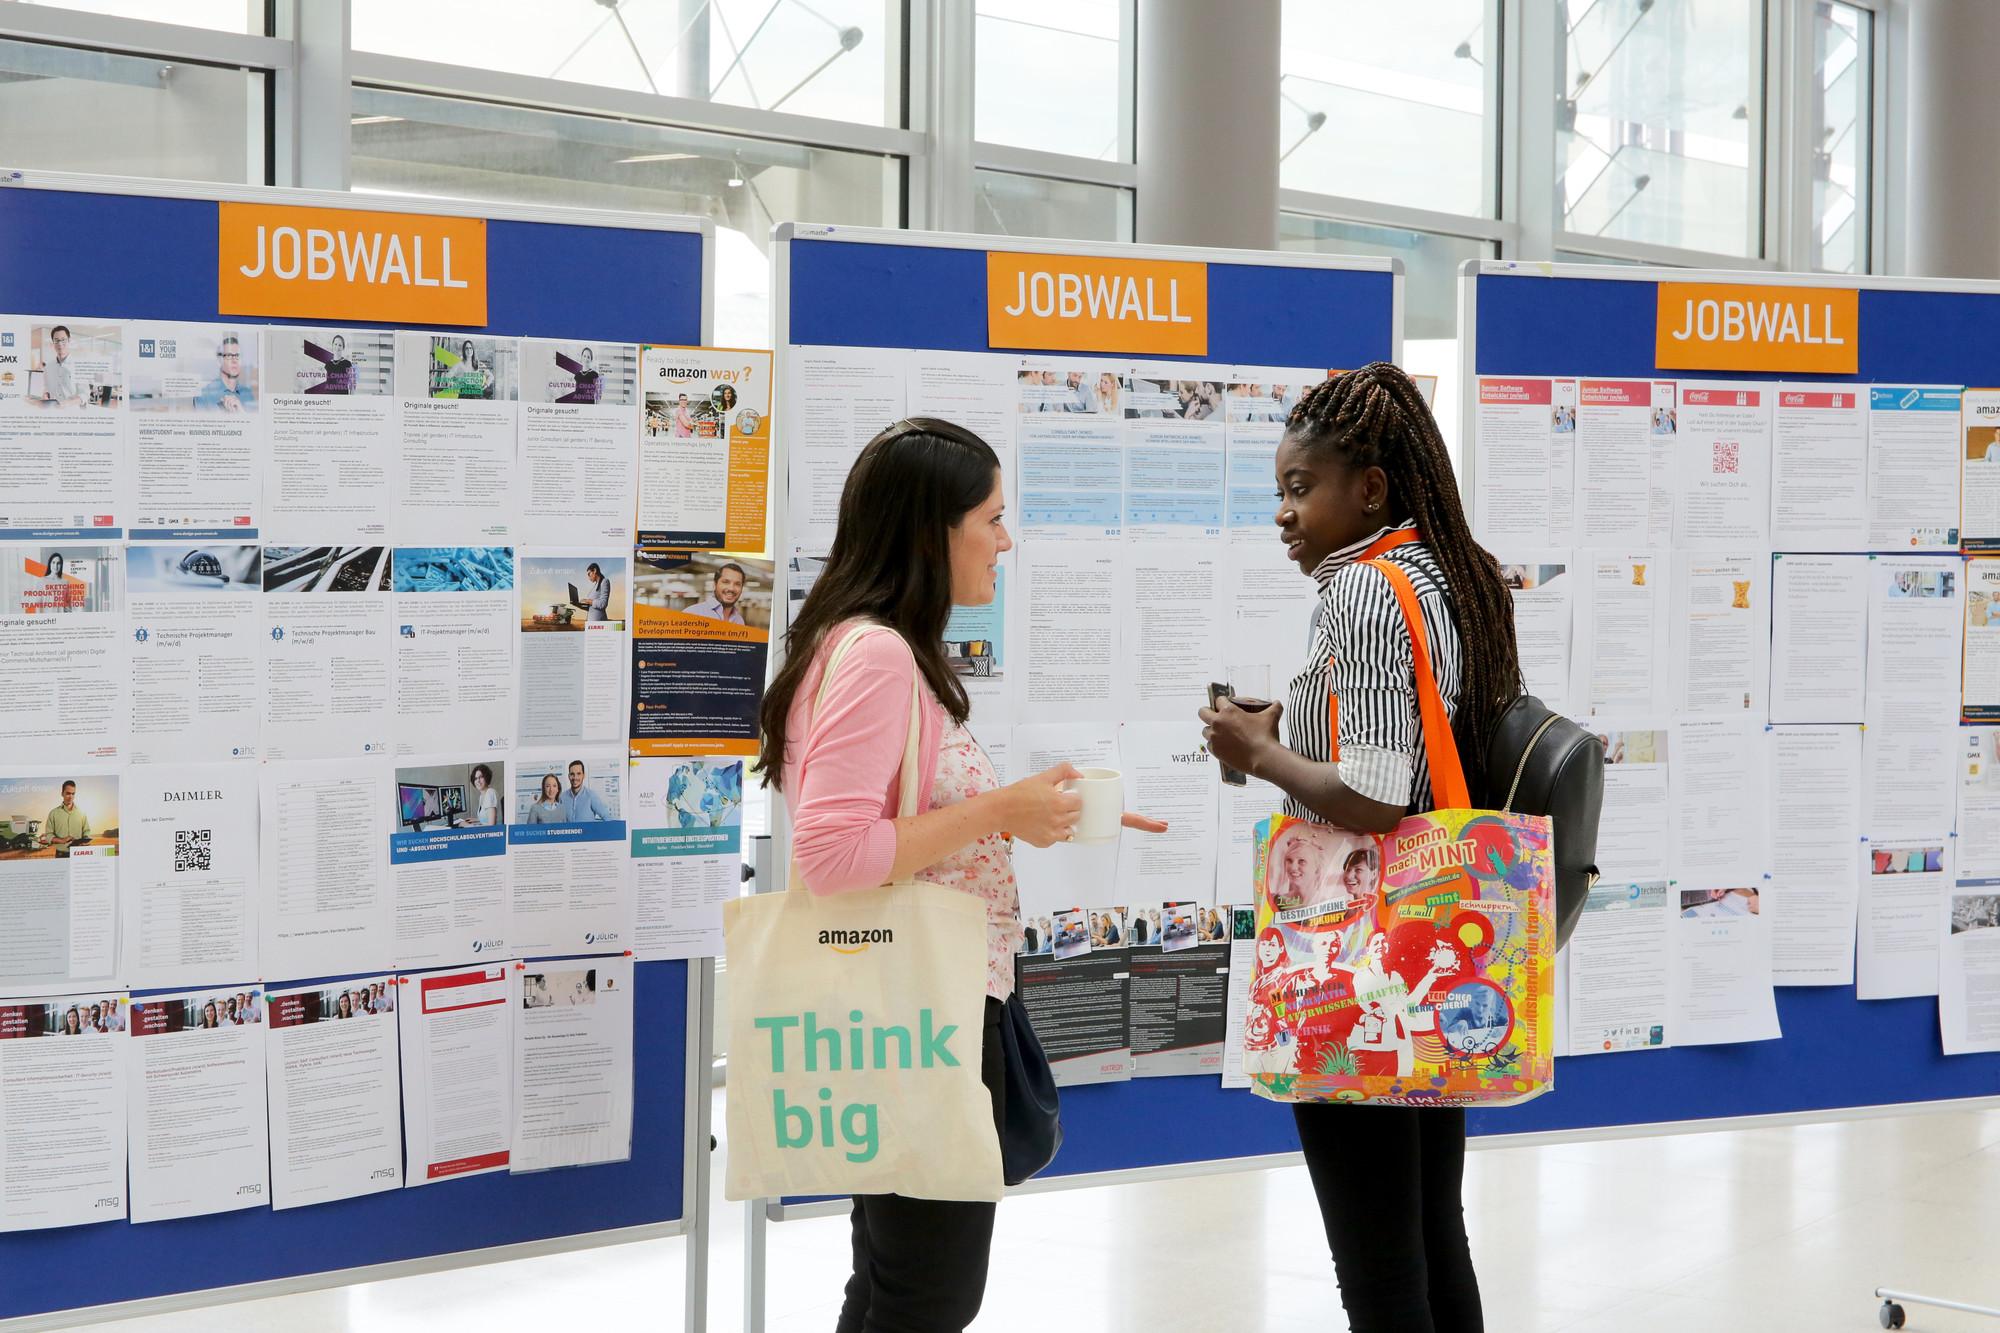 zwei Studentinnen unterhalten sich vor der Jobwall